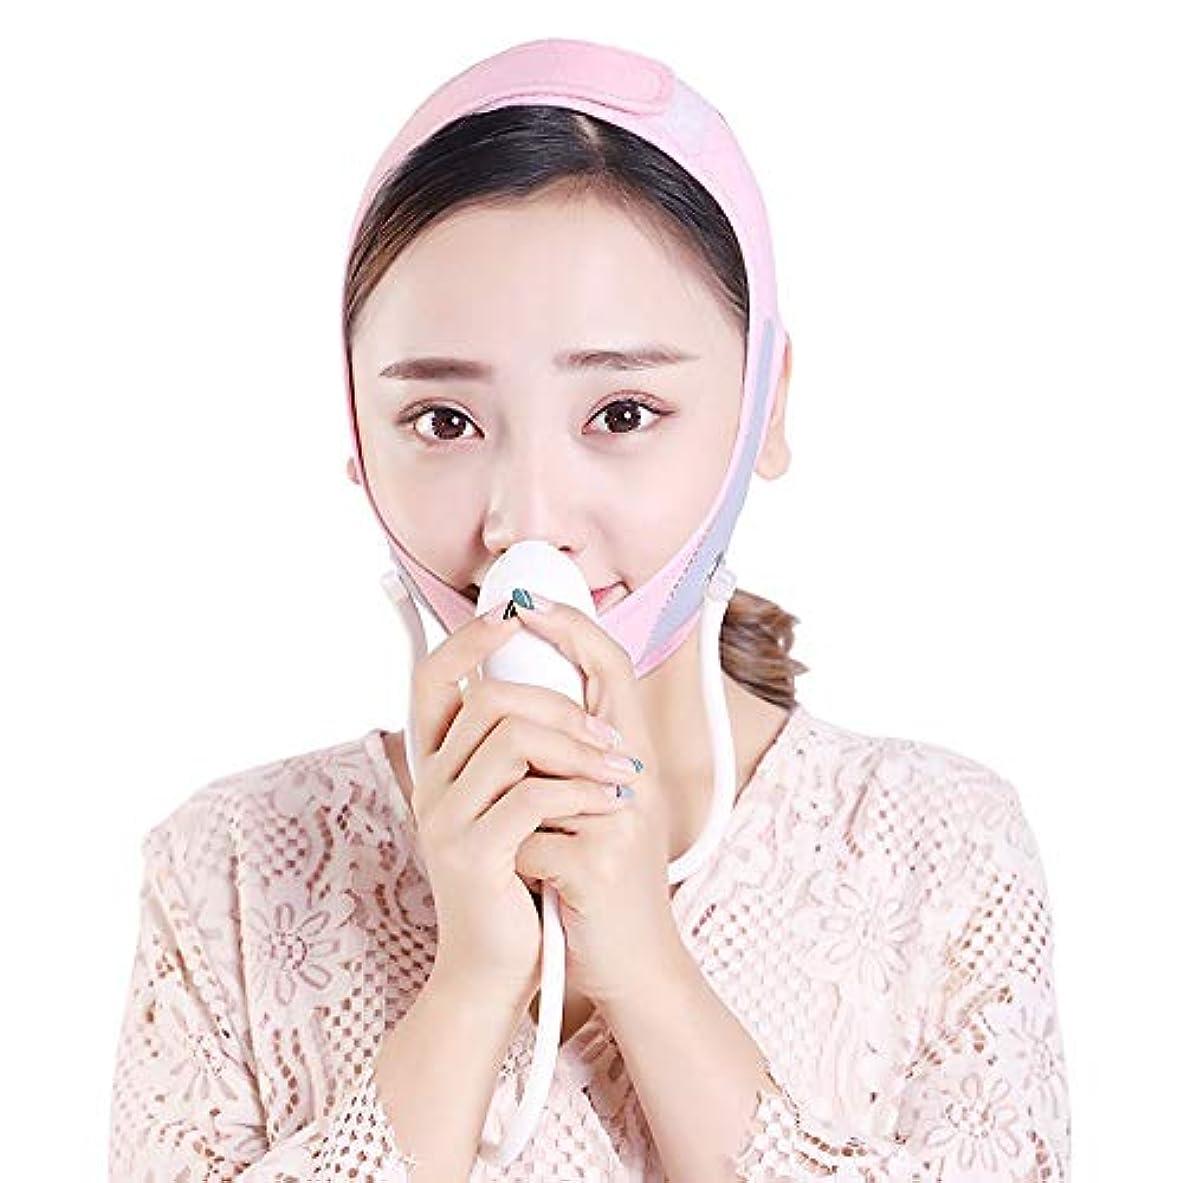 接触スキップ既婚Jia Jia- インフレータブル調節可能なフェイスリフトアーチファクト包帯をダブルチンリフト引き締めカラスの足one骨のサイズV顔ユニセックス - ピンク 顔面包帯